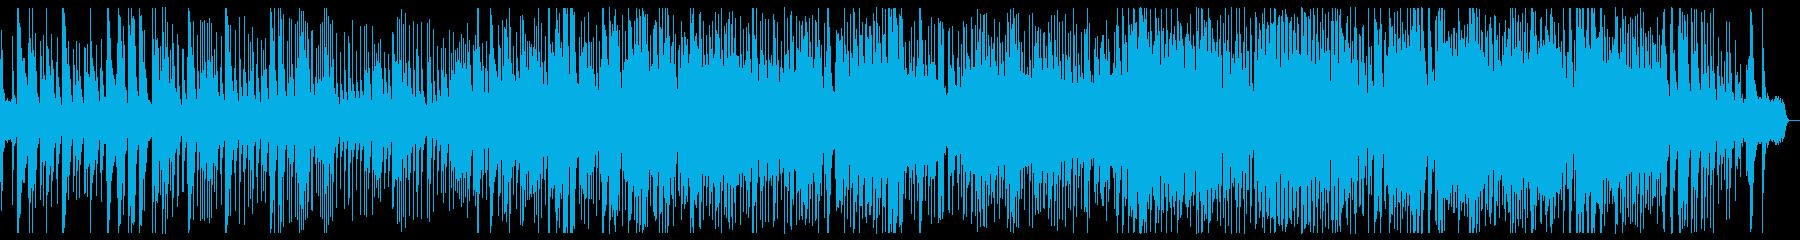 六段の調 鮮やかで美しい箏の再生済みの波形